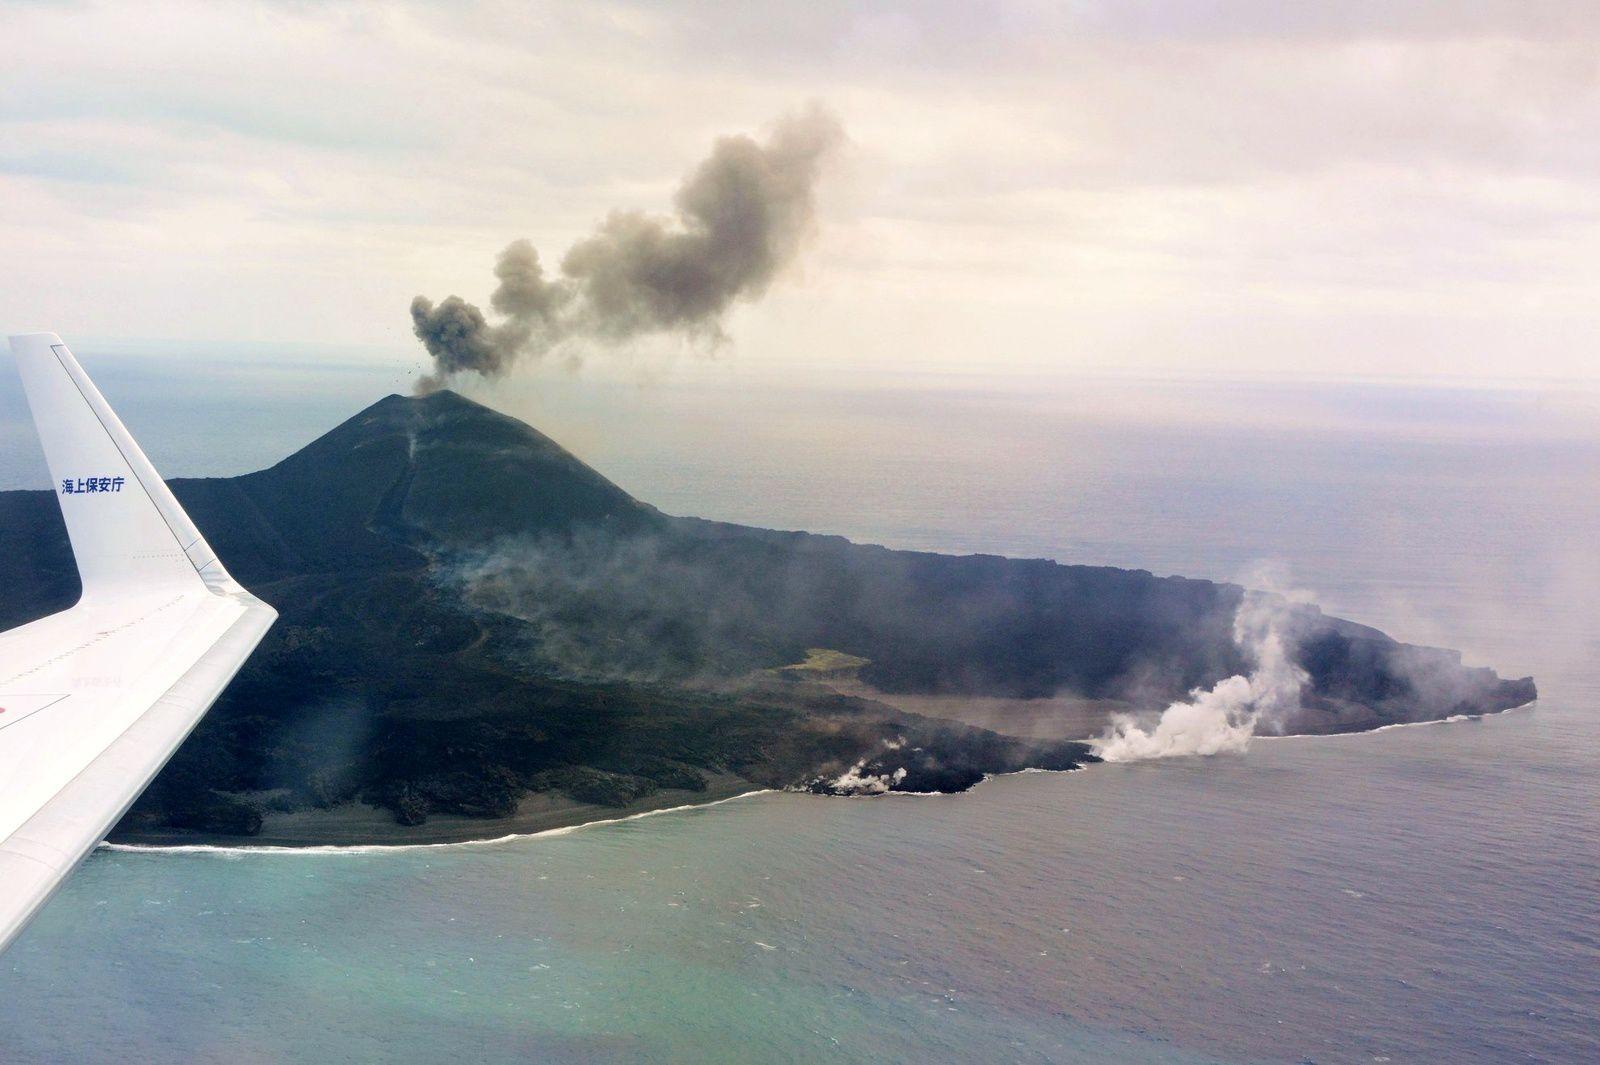 Nishinoshima - 15.12.2019 - activité au sommet et sur les flancs du cône ; et coulées de lave - photo Japan Coast Guards